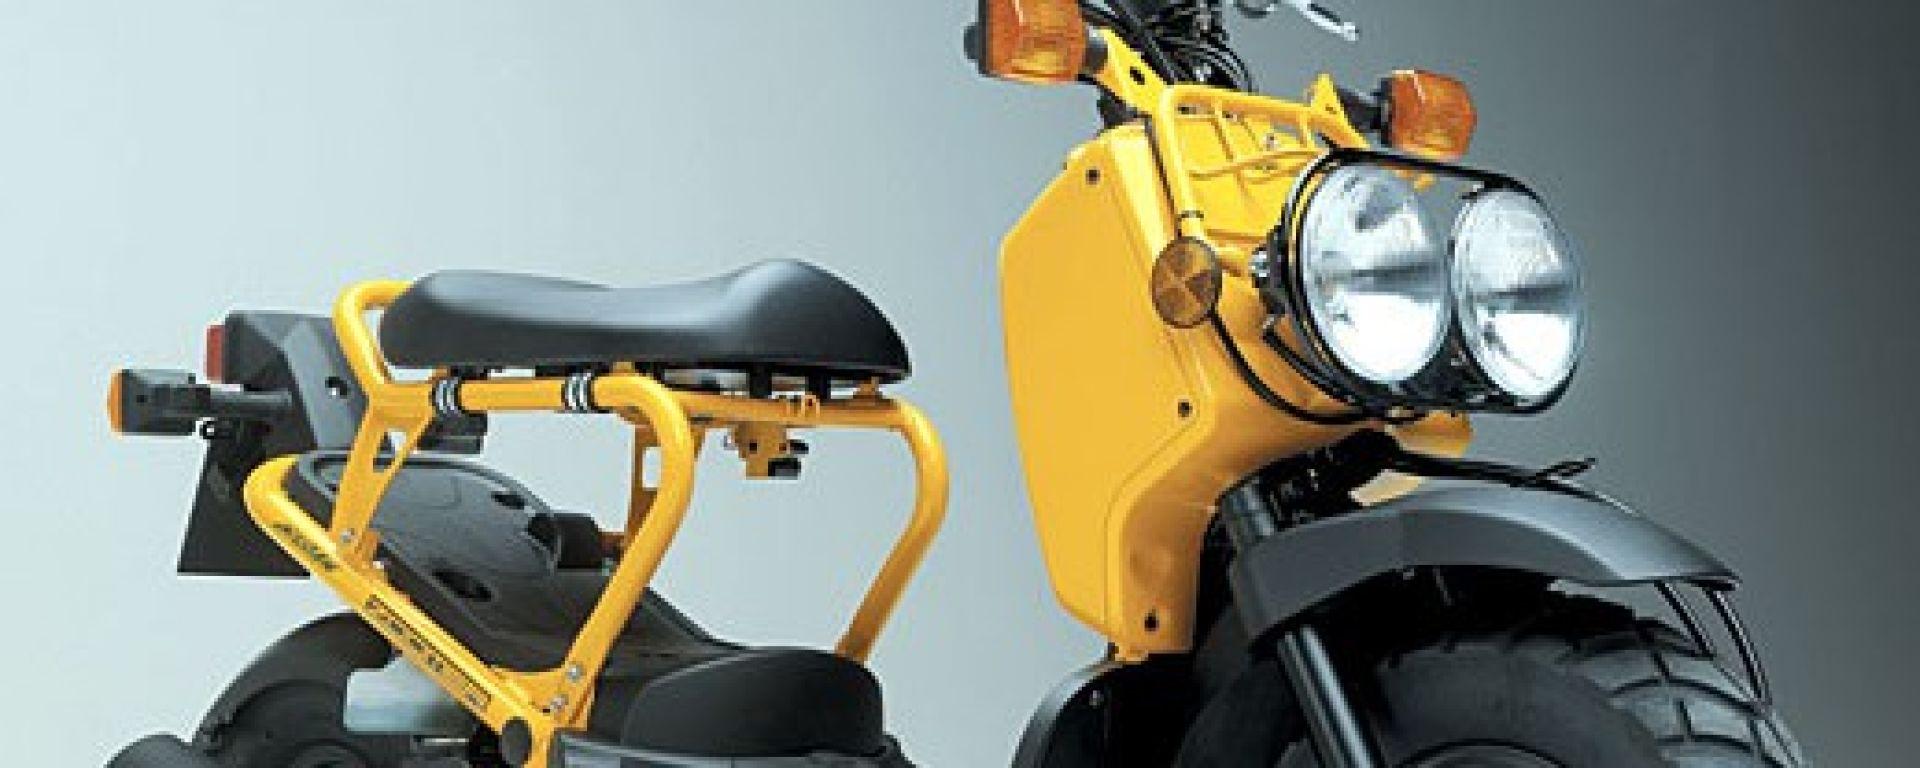 Anteprima: Honda Zoomer